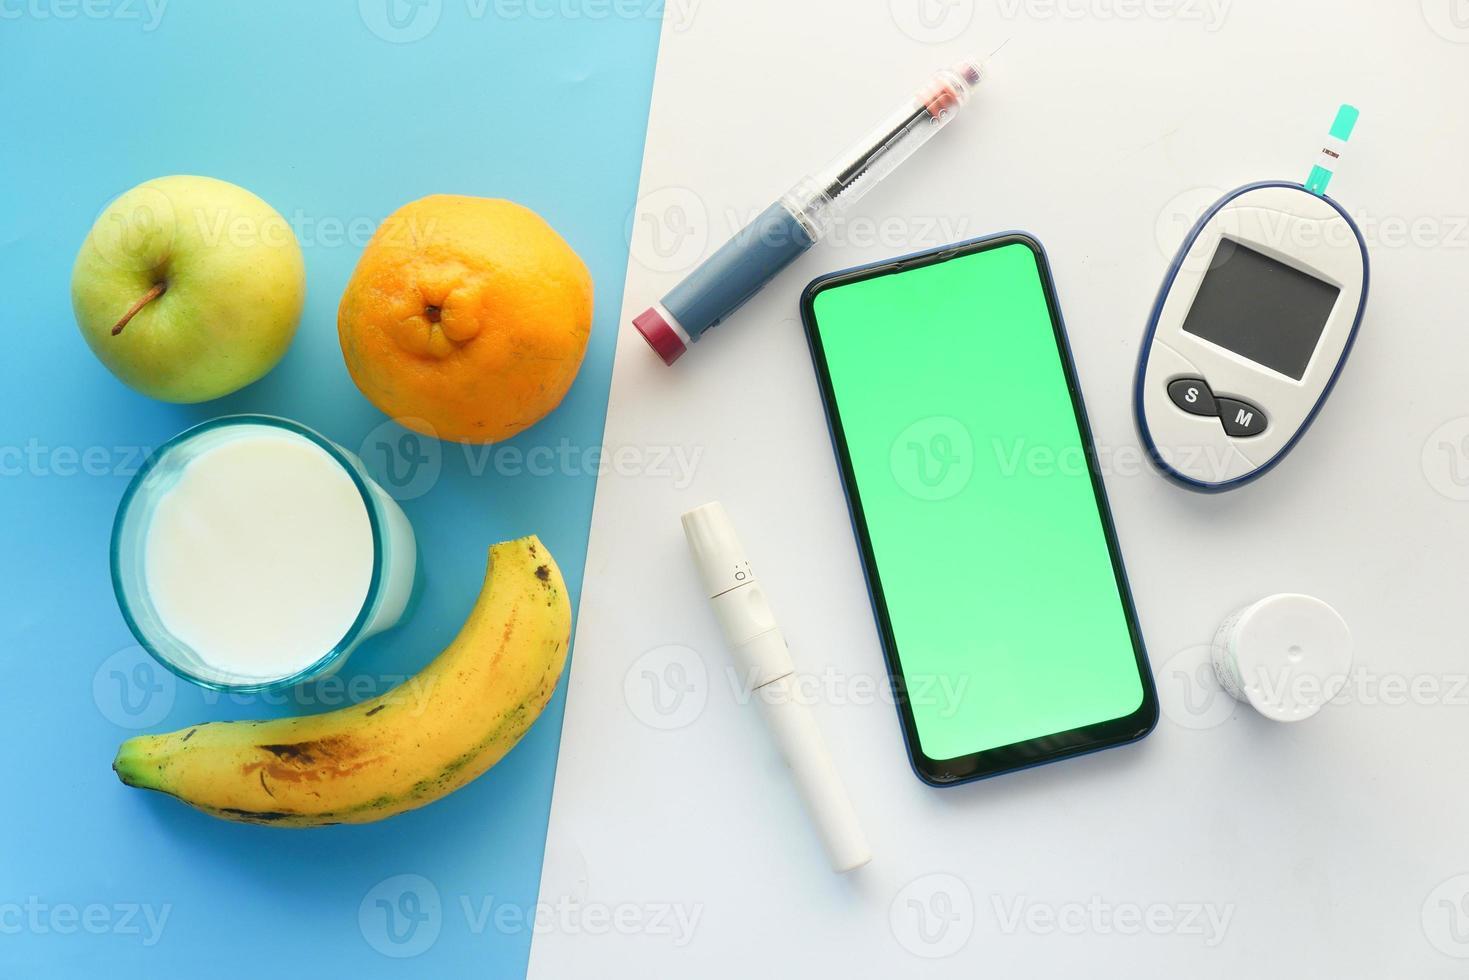 frutas, telefone inteligente e insulina em fundo branco e azul foto